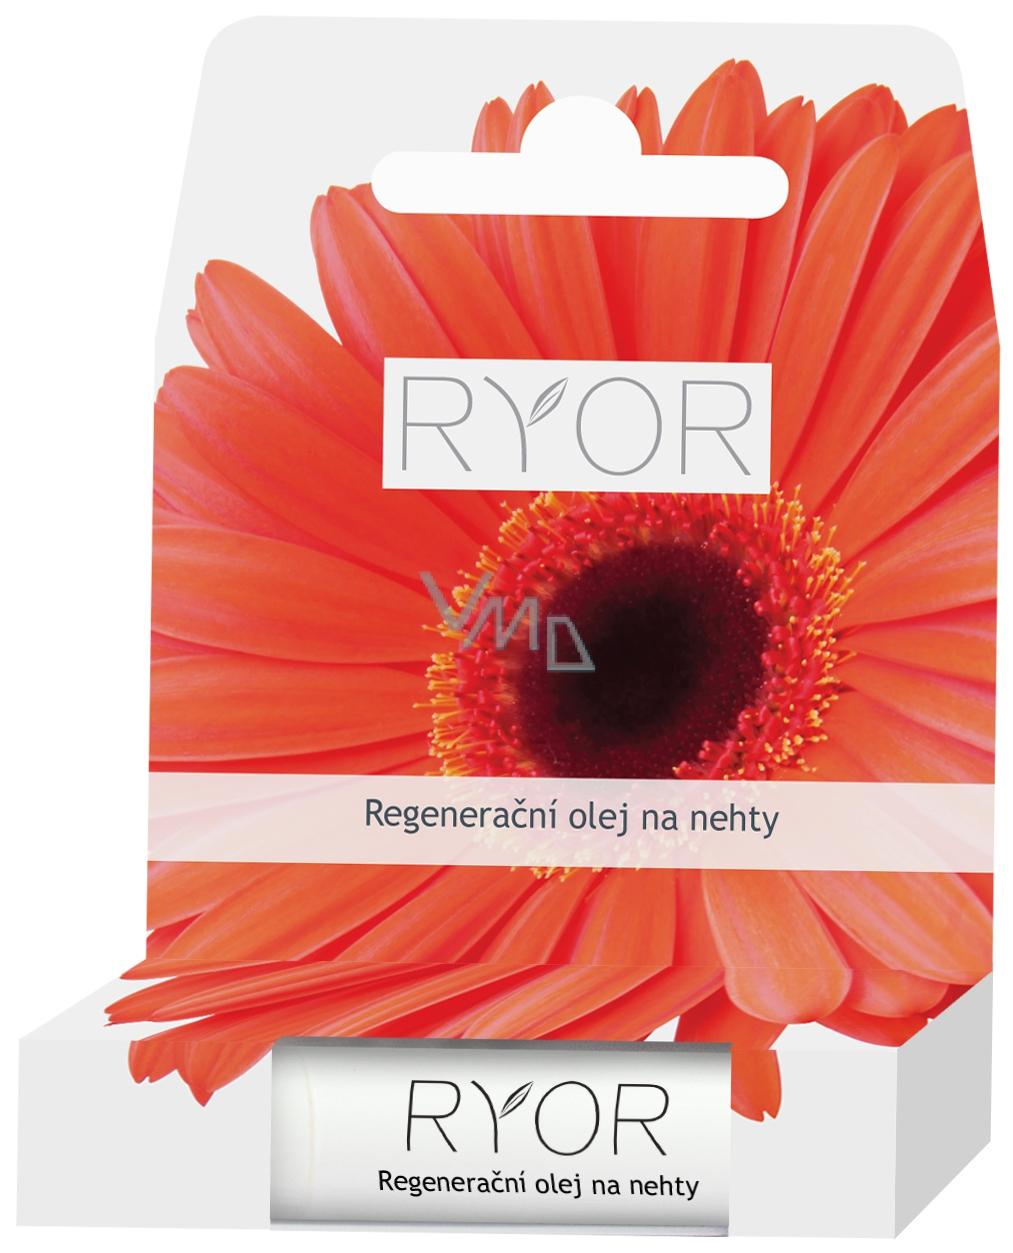 Ryor Regenerační olej na nehty 5 ml